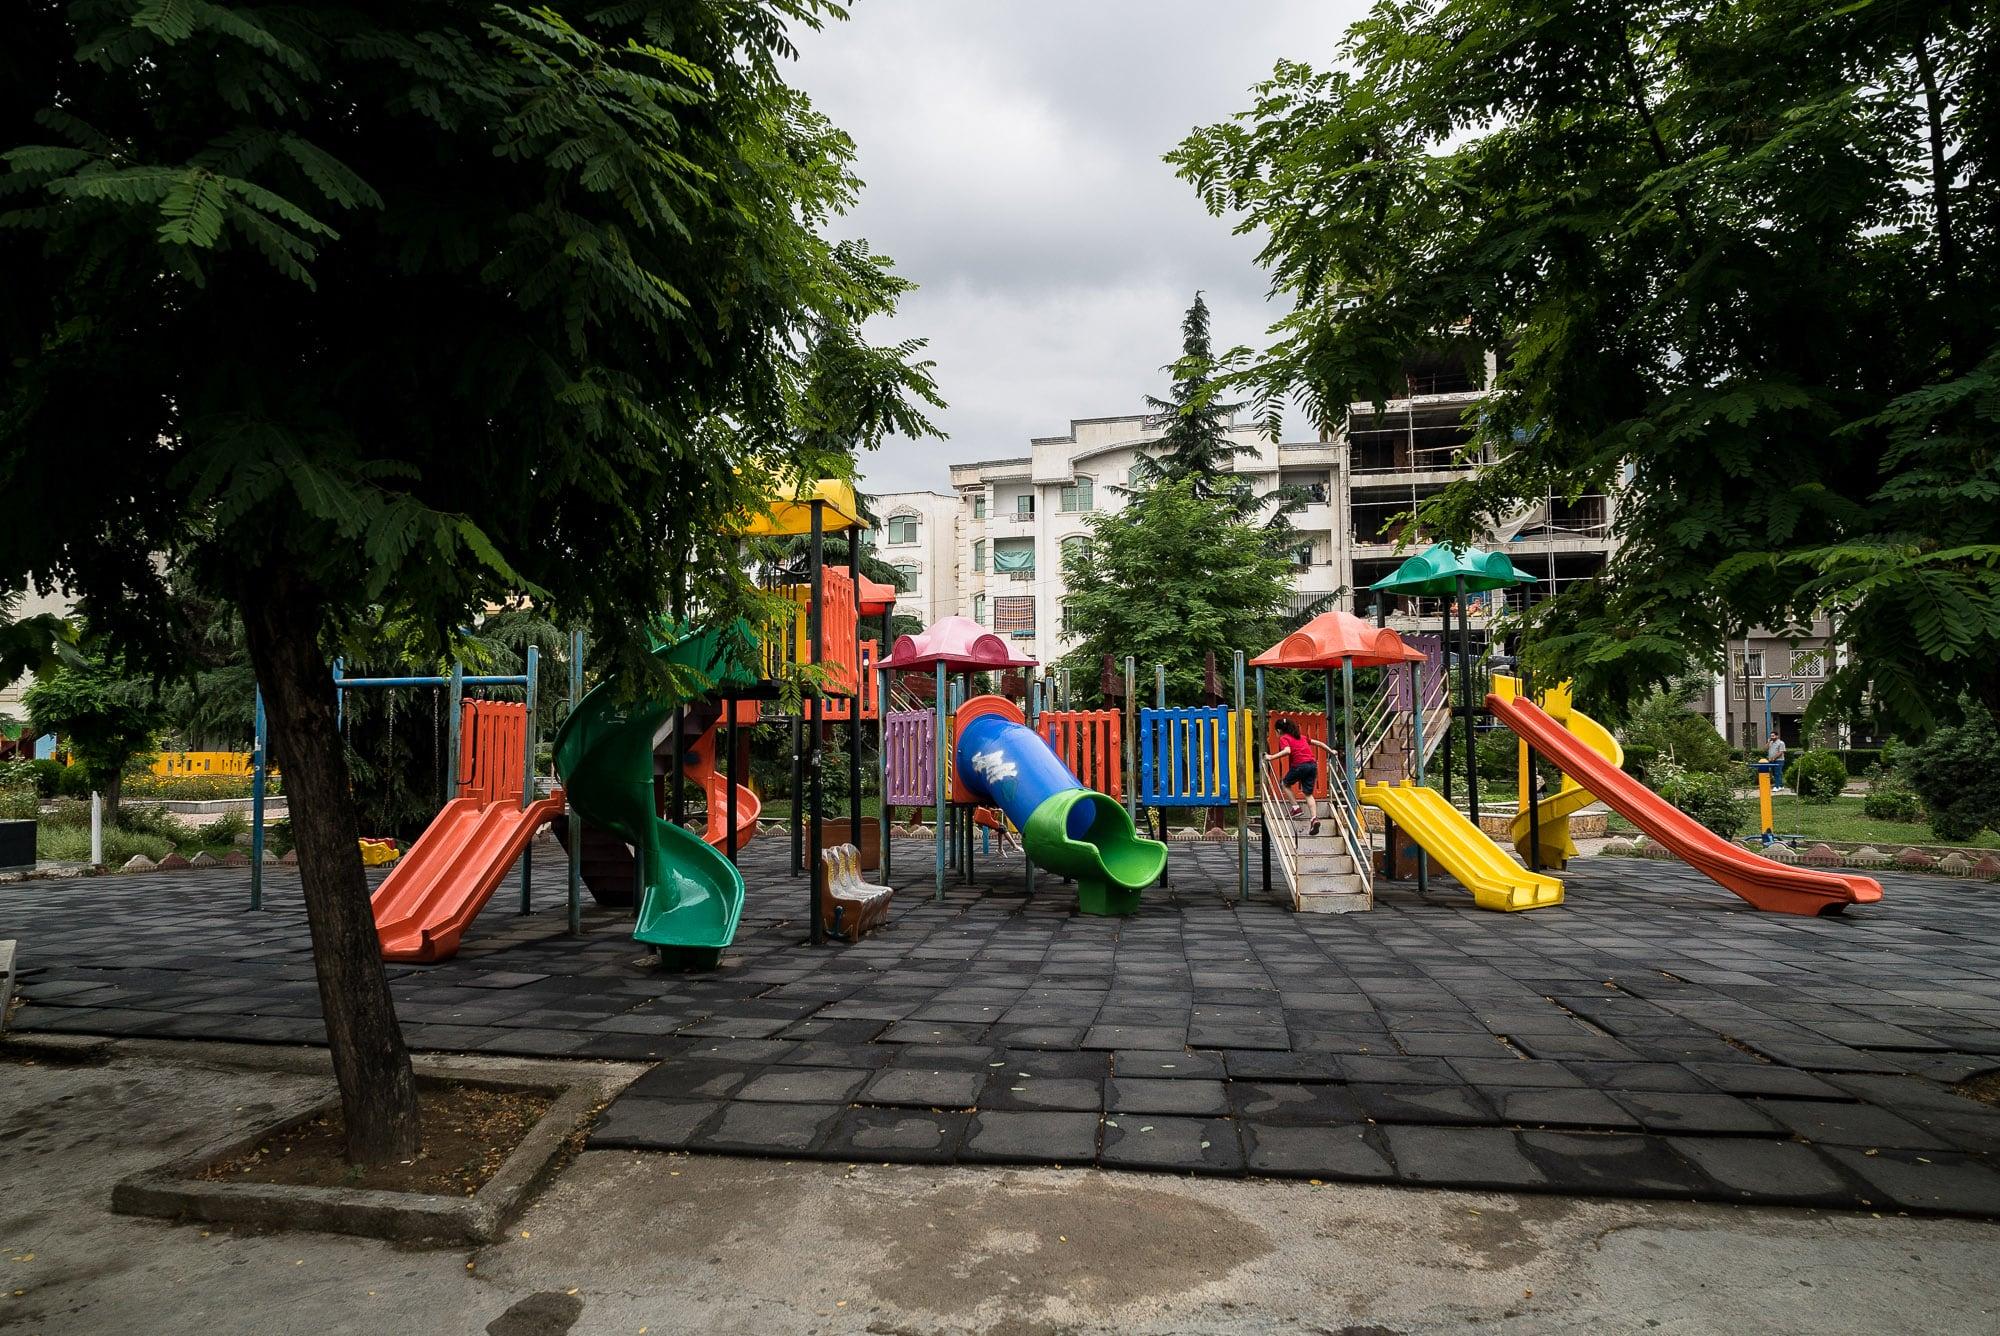 playground in Sari